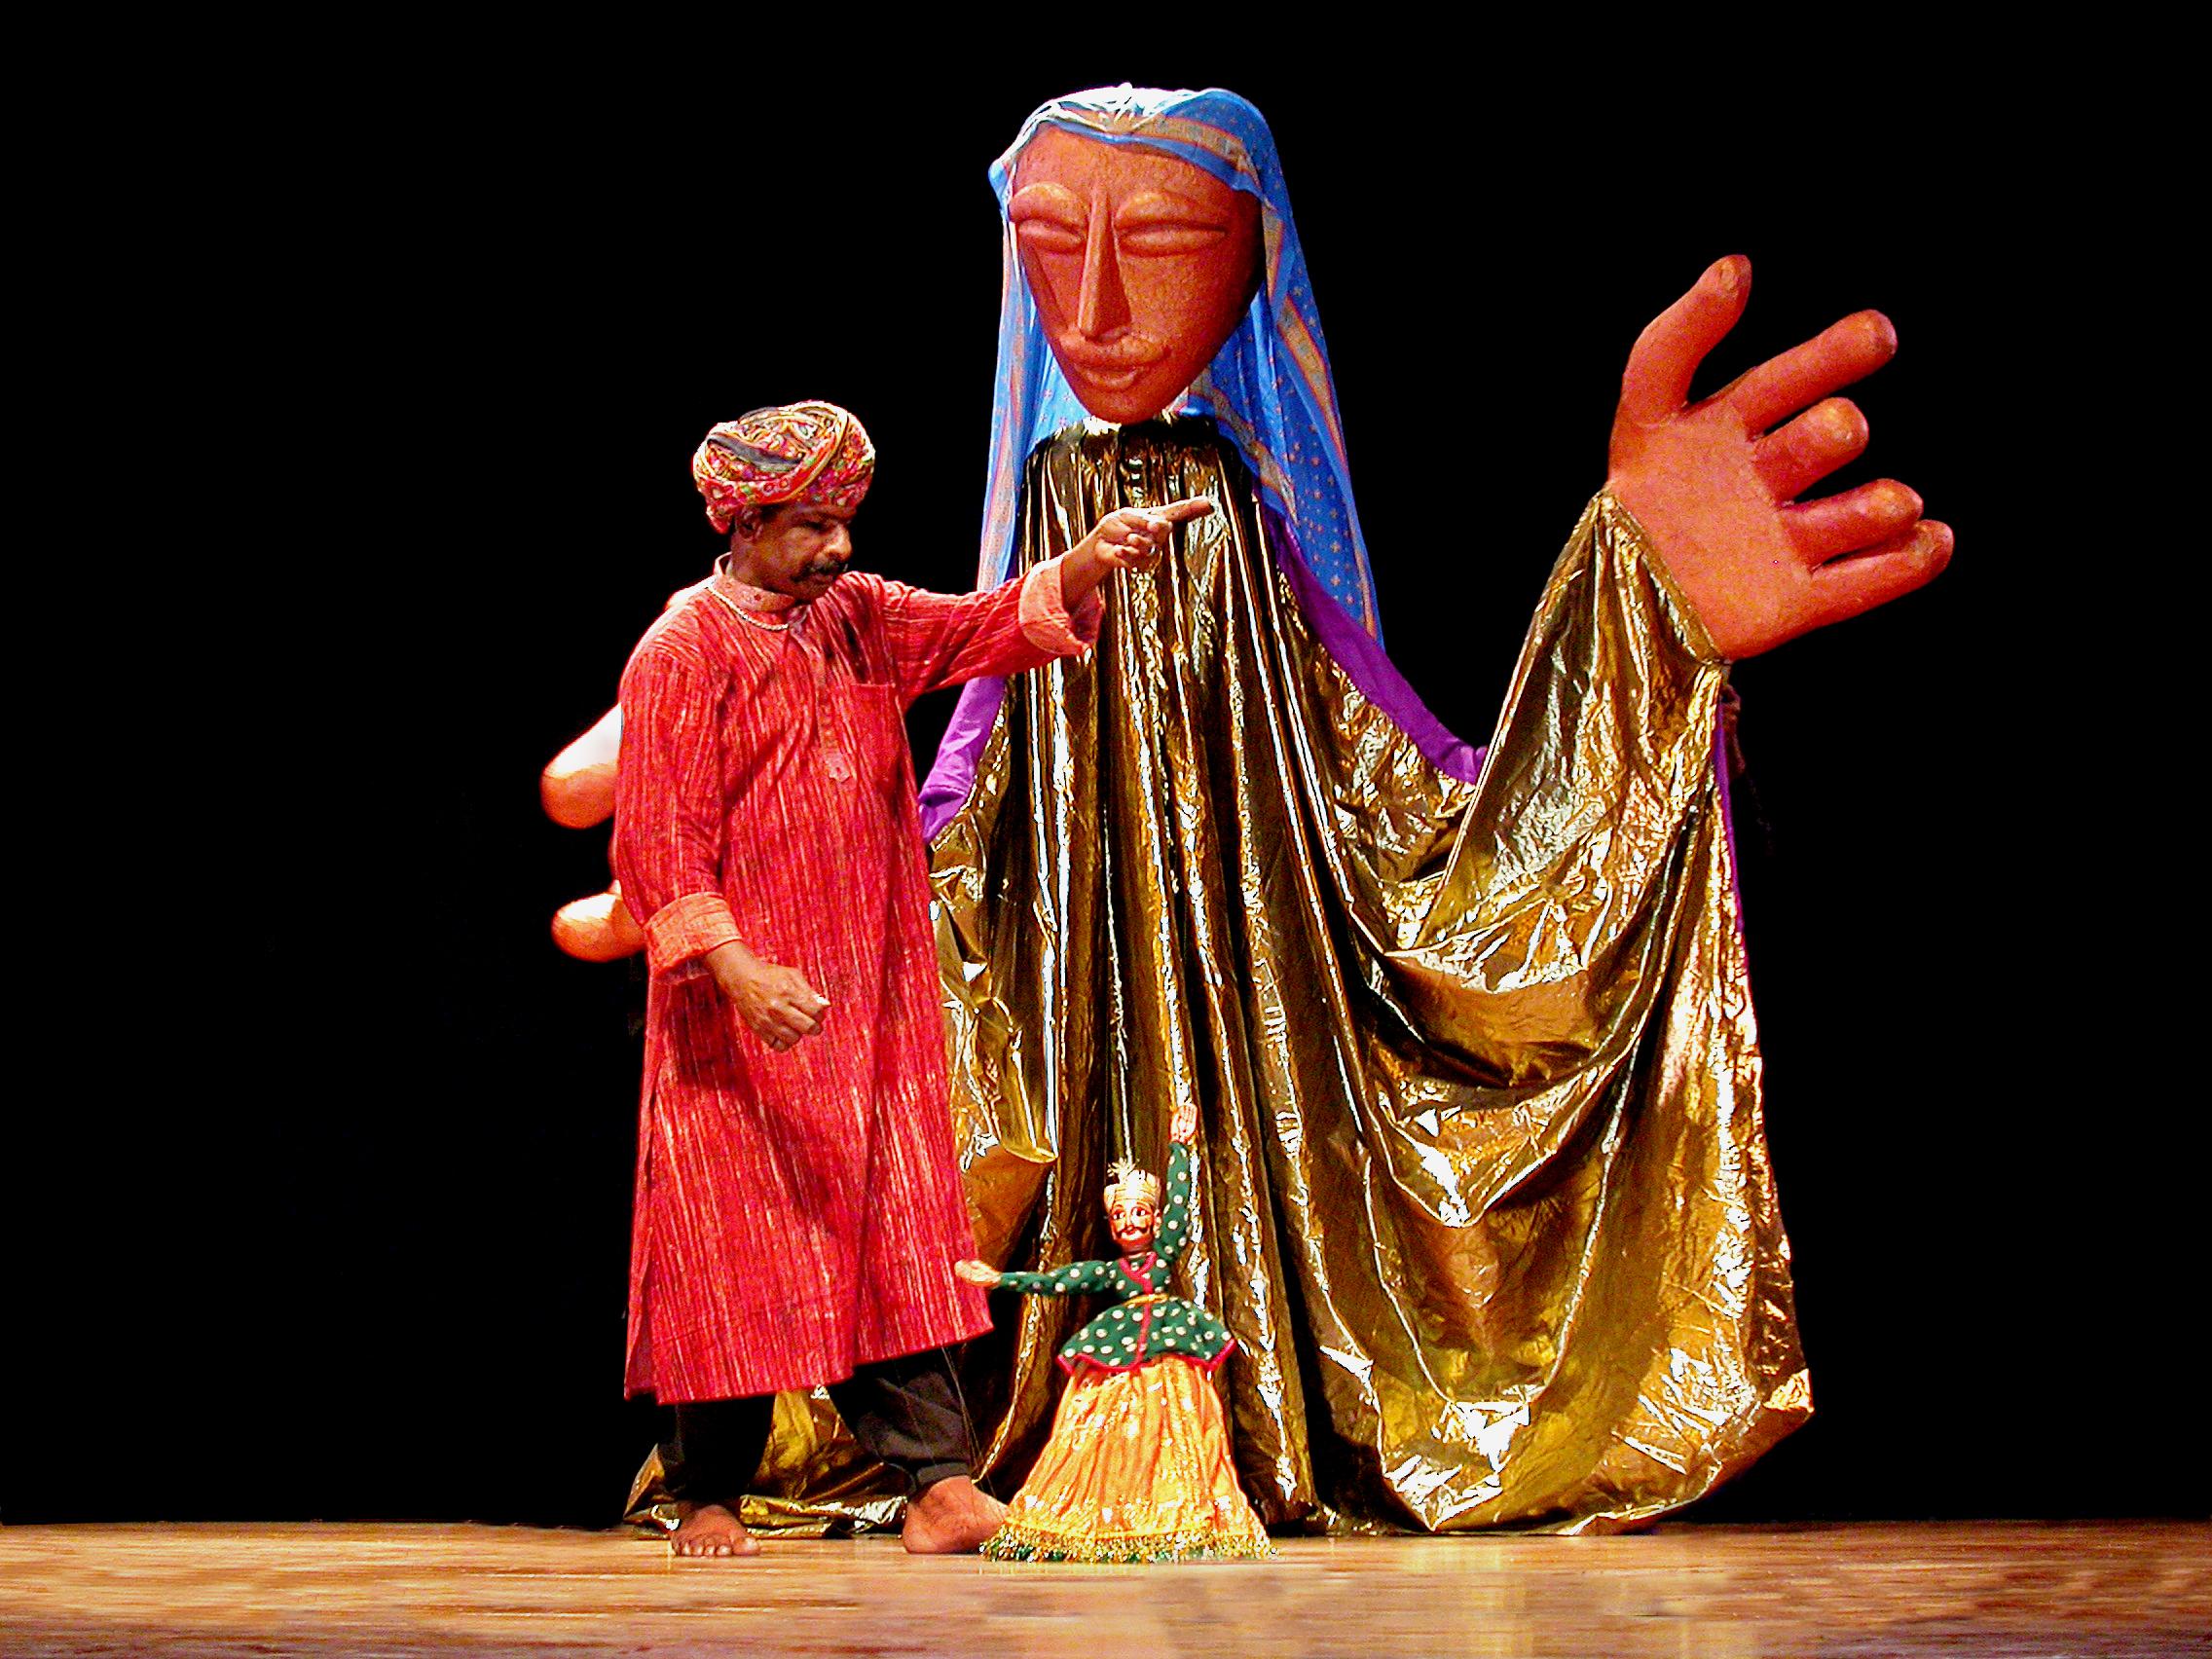 Puran Bhatt, maître marionnettiste du Rajasthan et récipiendaire du Sangeet Natak Akademi Award pour la Marionnette en 2003, manipulant son kathputli behrupia, hauteur : env. 55 cm, pour l'acte d'ouverture par The Ishara Puppet Theatre au festival Sangeet Natak Akademi (New Delhi, début des années 1990)